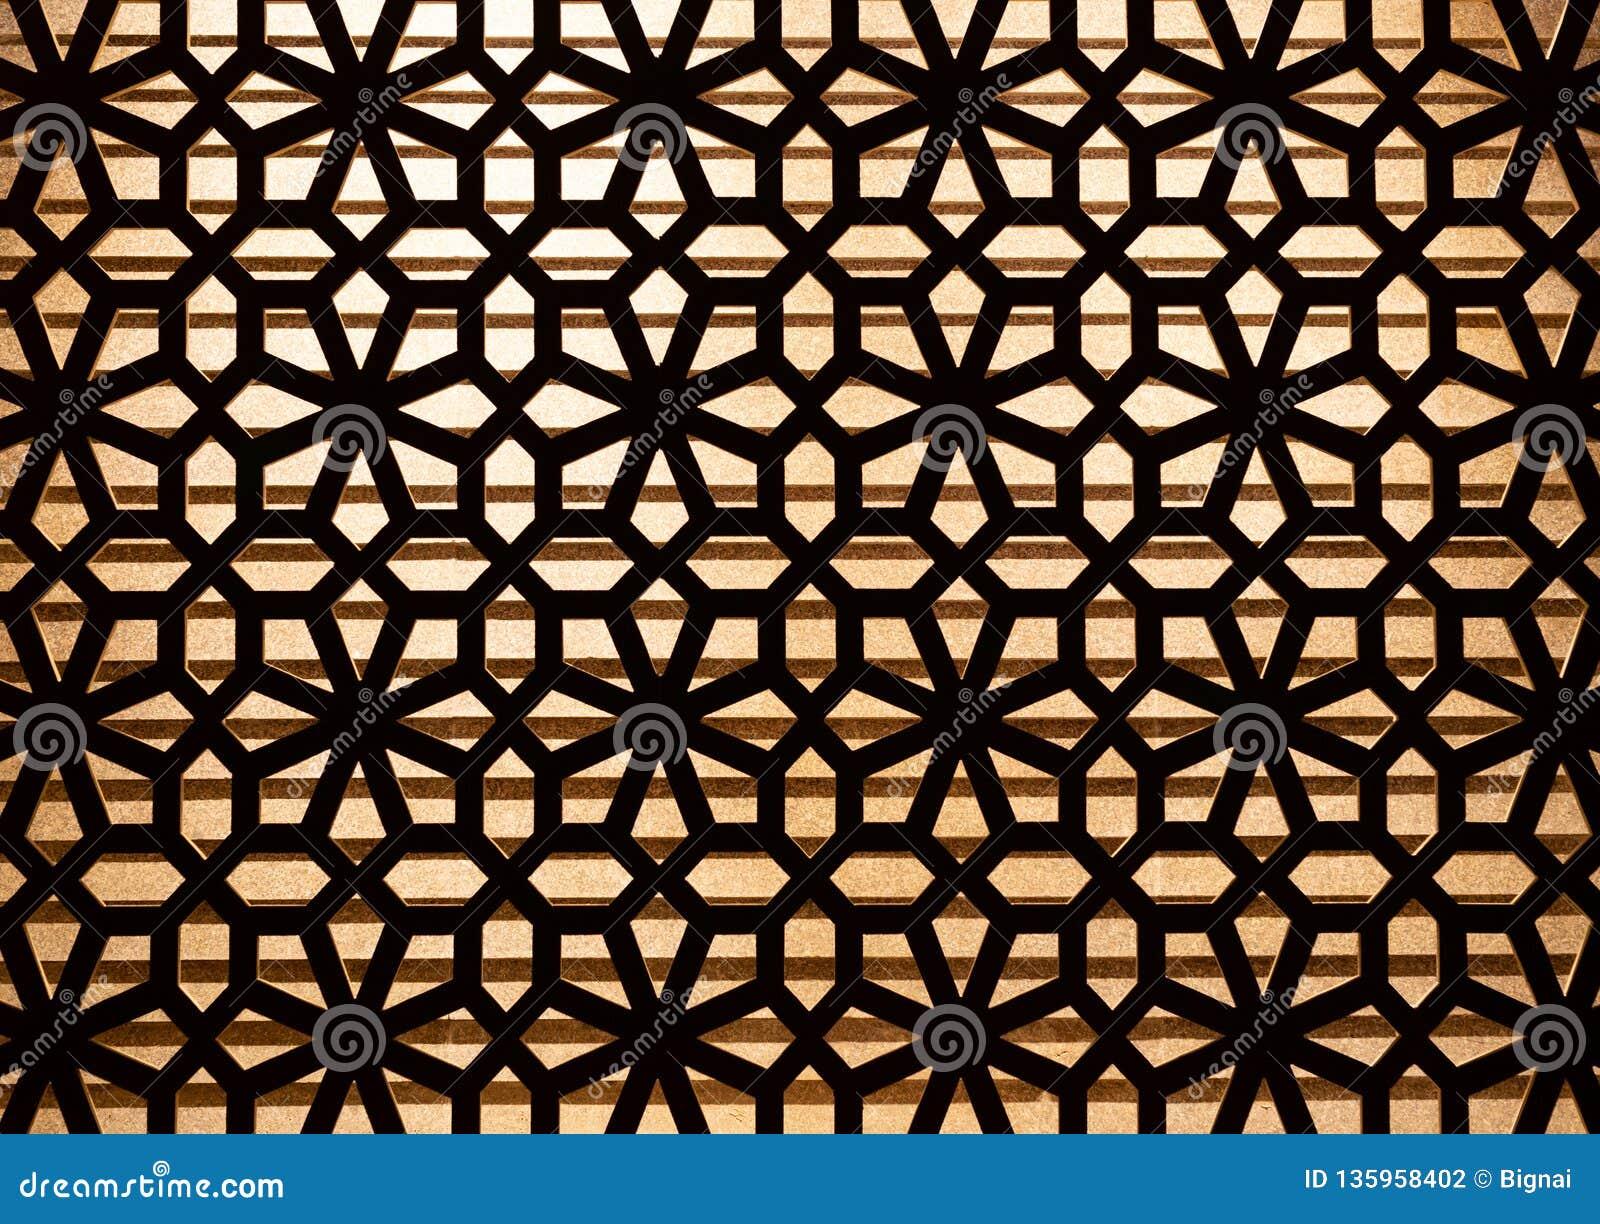 Houten snijd patroondecoratie op de muur met verlichting op achtergrond